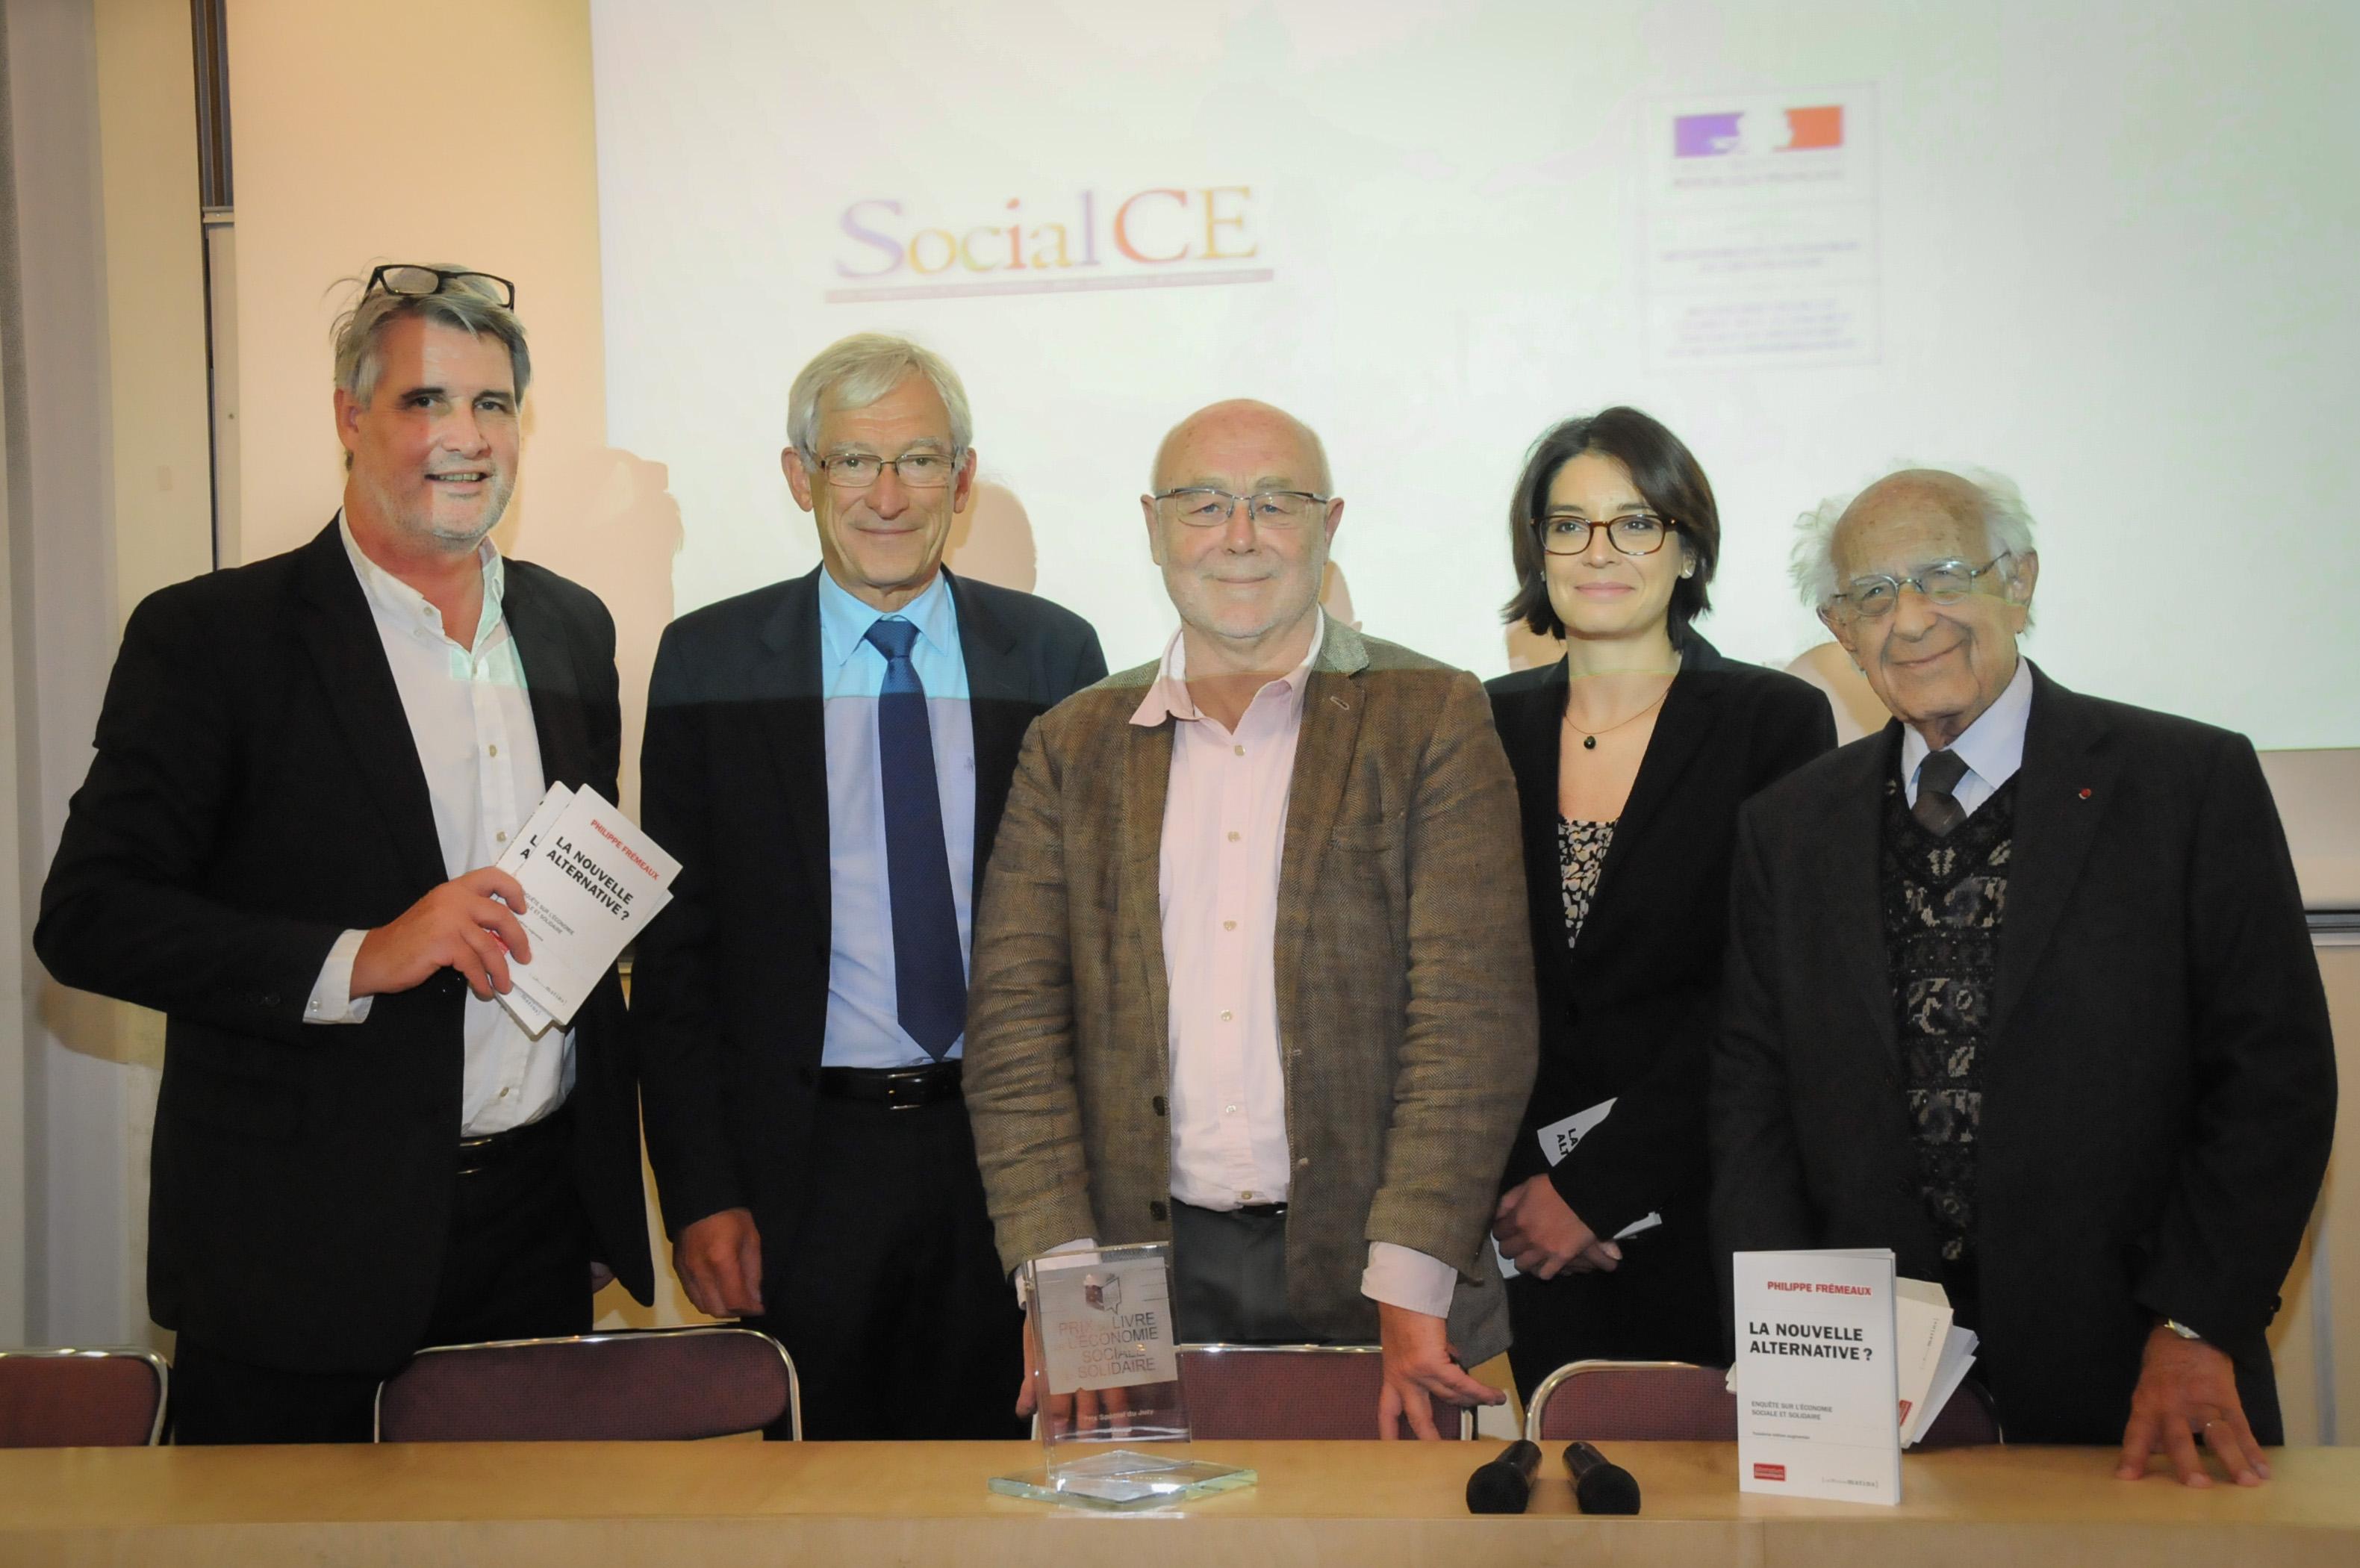 Roger Belot, entre patrick Gobert et Philippe Frémeaux, s'est félicité que la MAIF qu'il a présidée pendant de longues années, ait décidé de parrainer le Prix de l'ESS et a évoqué les valeurs communes entre tous les acteurs présents sur cette photo de Catherine Cros.